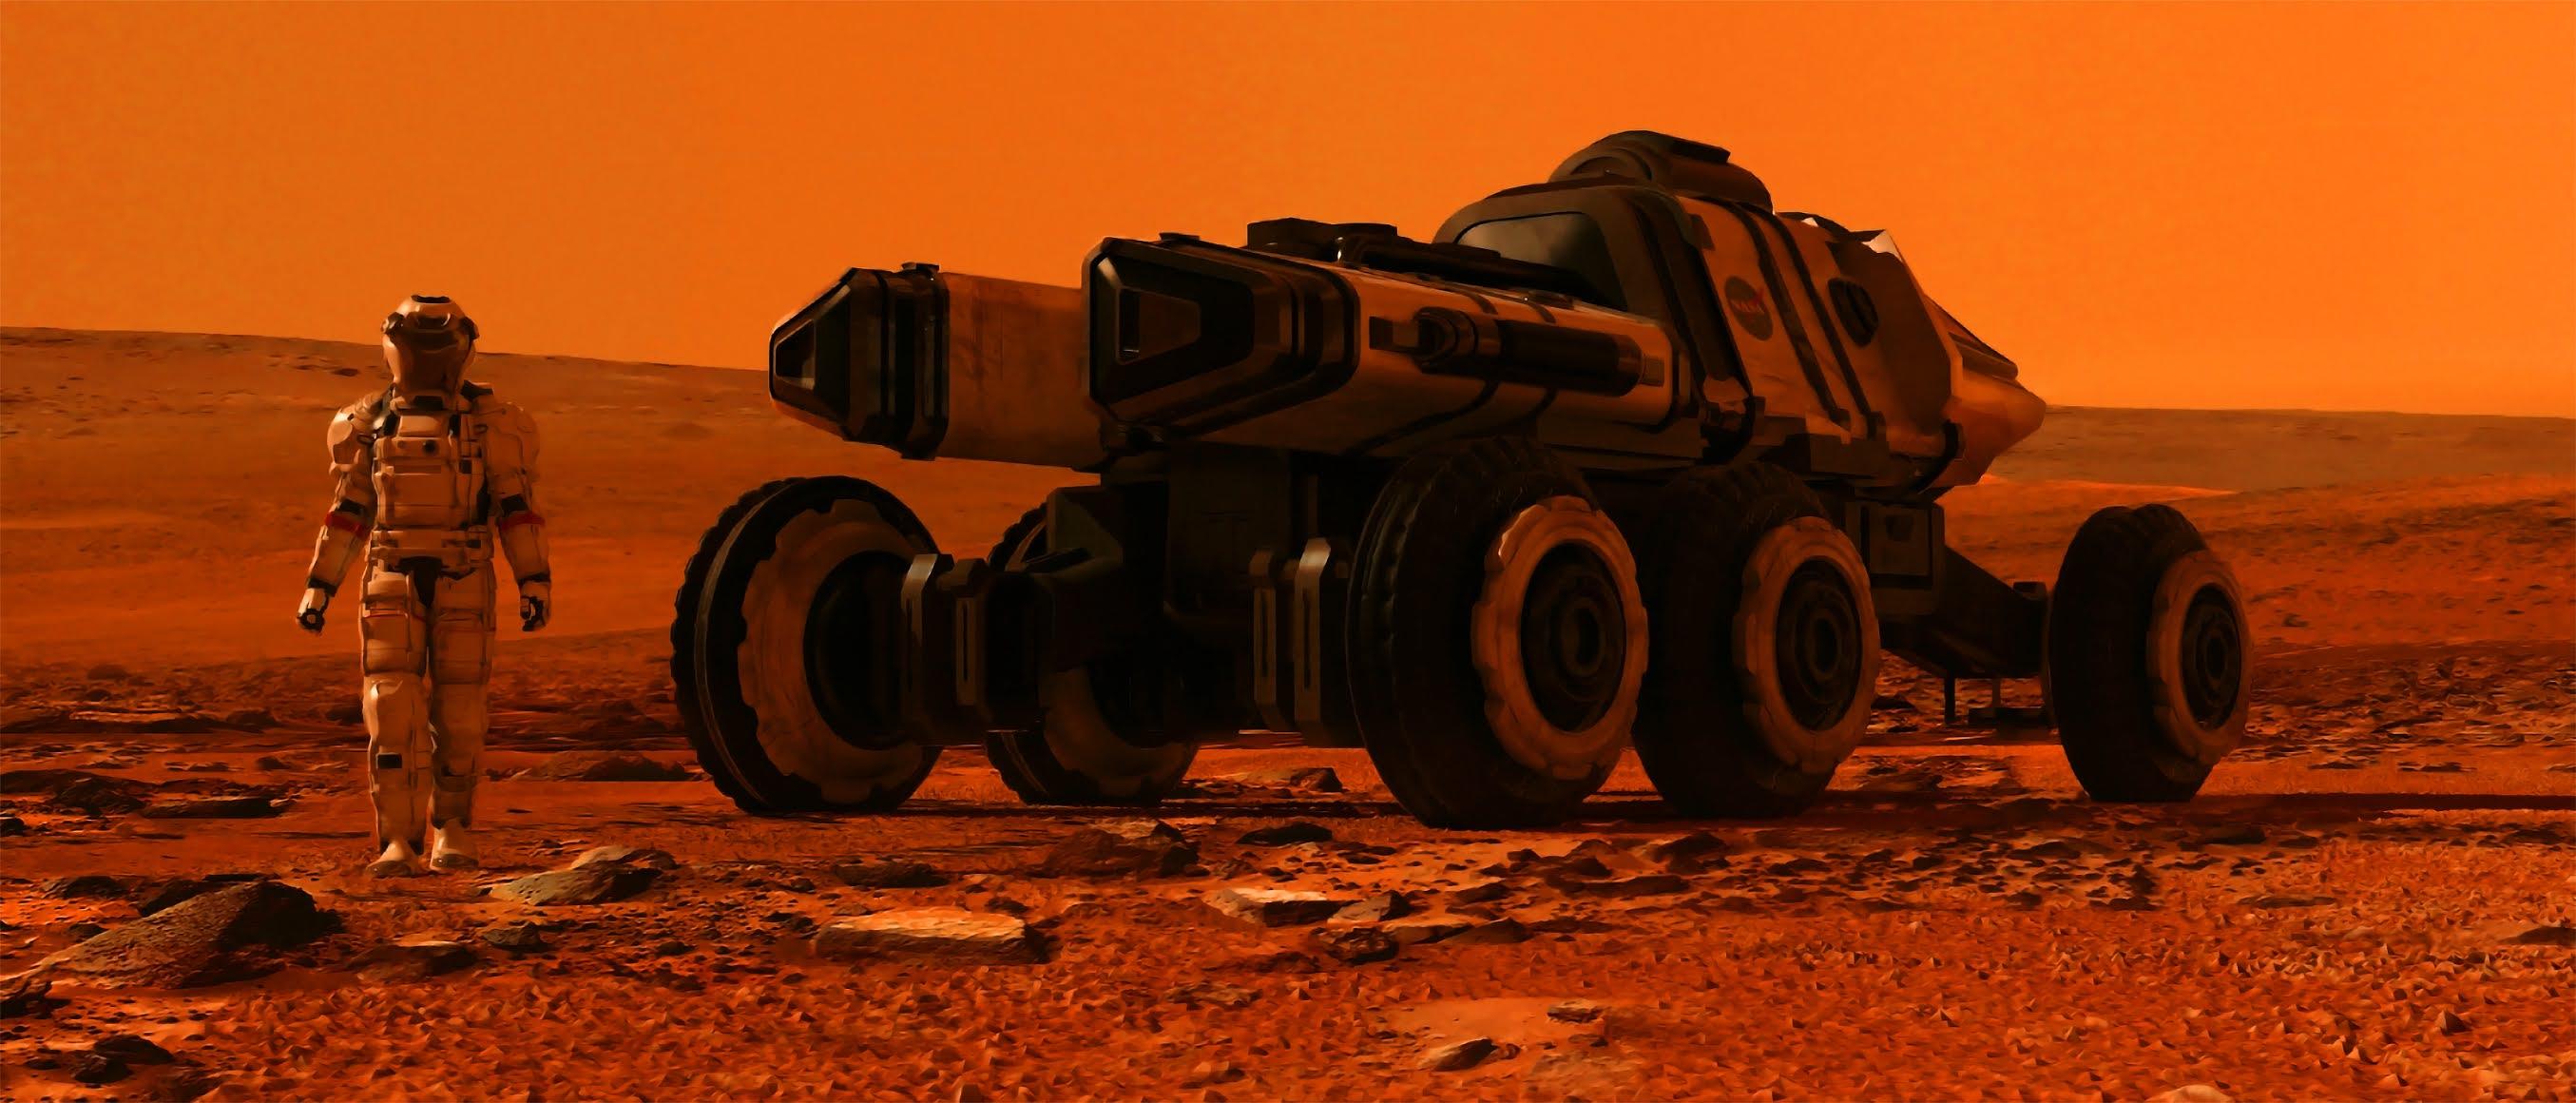 WIDE WALLPAPER FOR DESKTOP 1440P - Mars Mission